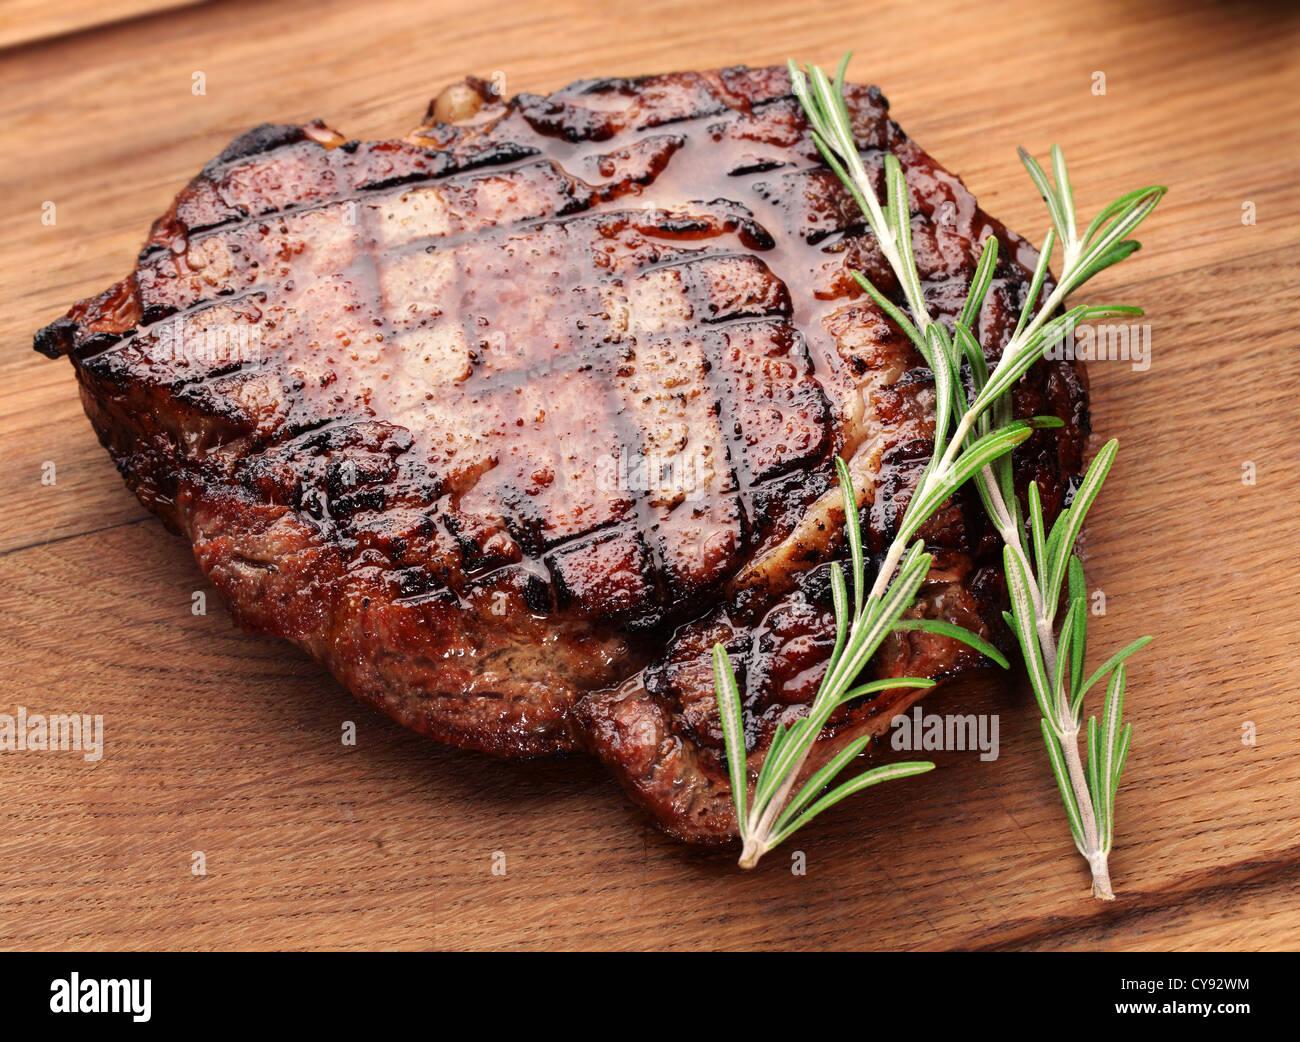 Filete de carne en una mesa de madera. Imagen De Stock